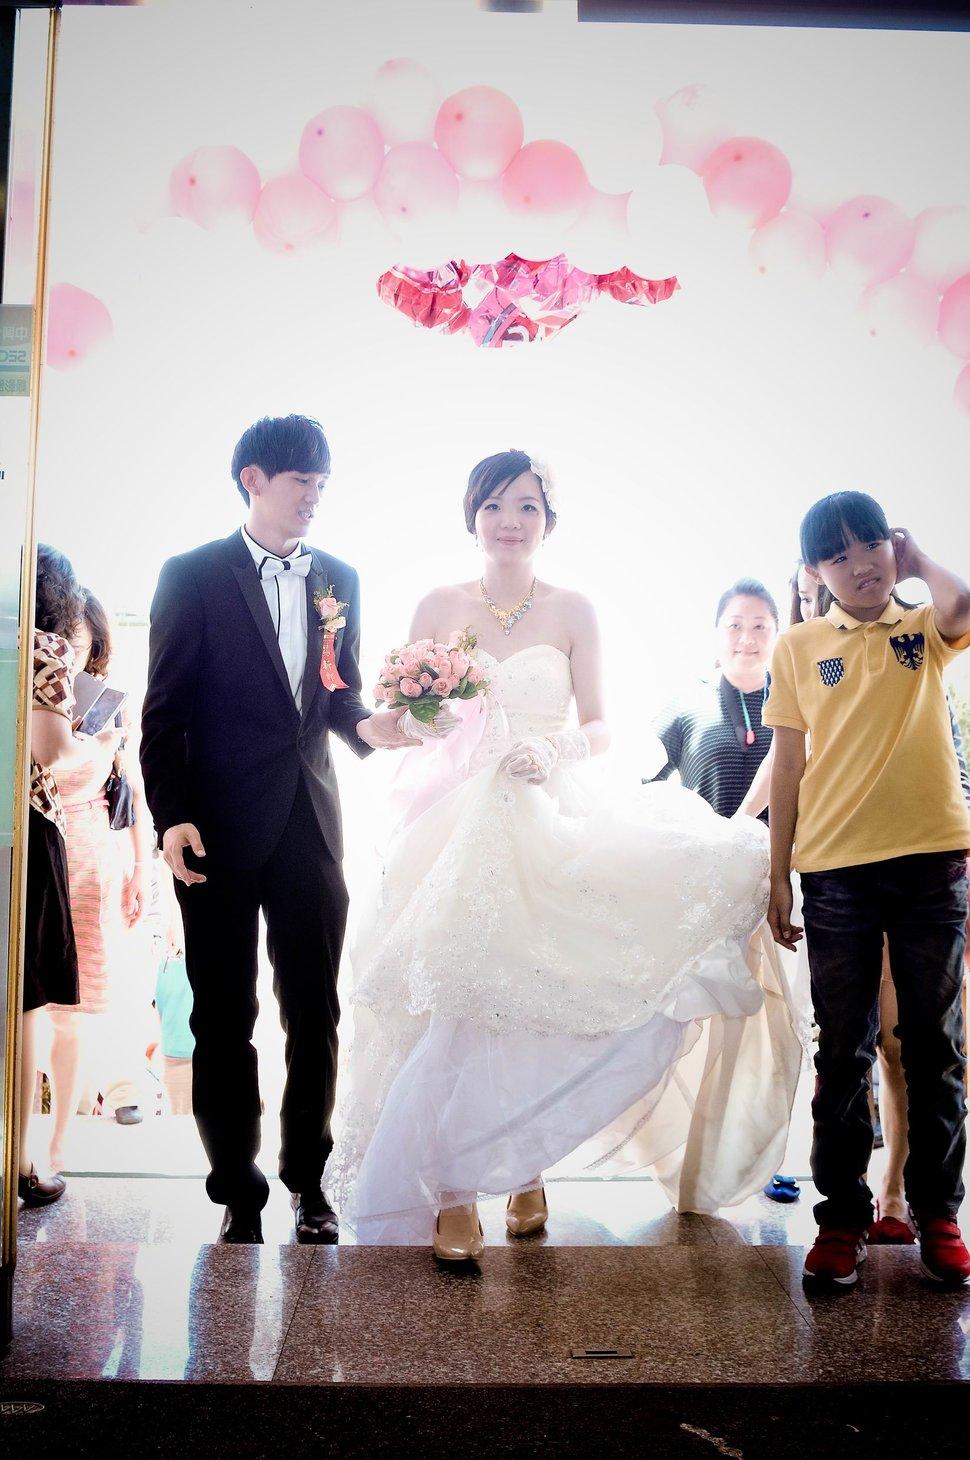 台中天野養生餐廳婚禮記錄婚禮記錄動態微電影錄影專業錄影平面攝影(編號:196460) - 蜜月拍照10800錄影12800攝影團隊 - 結婚吧